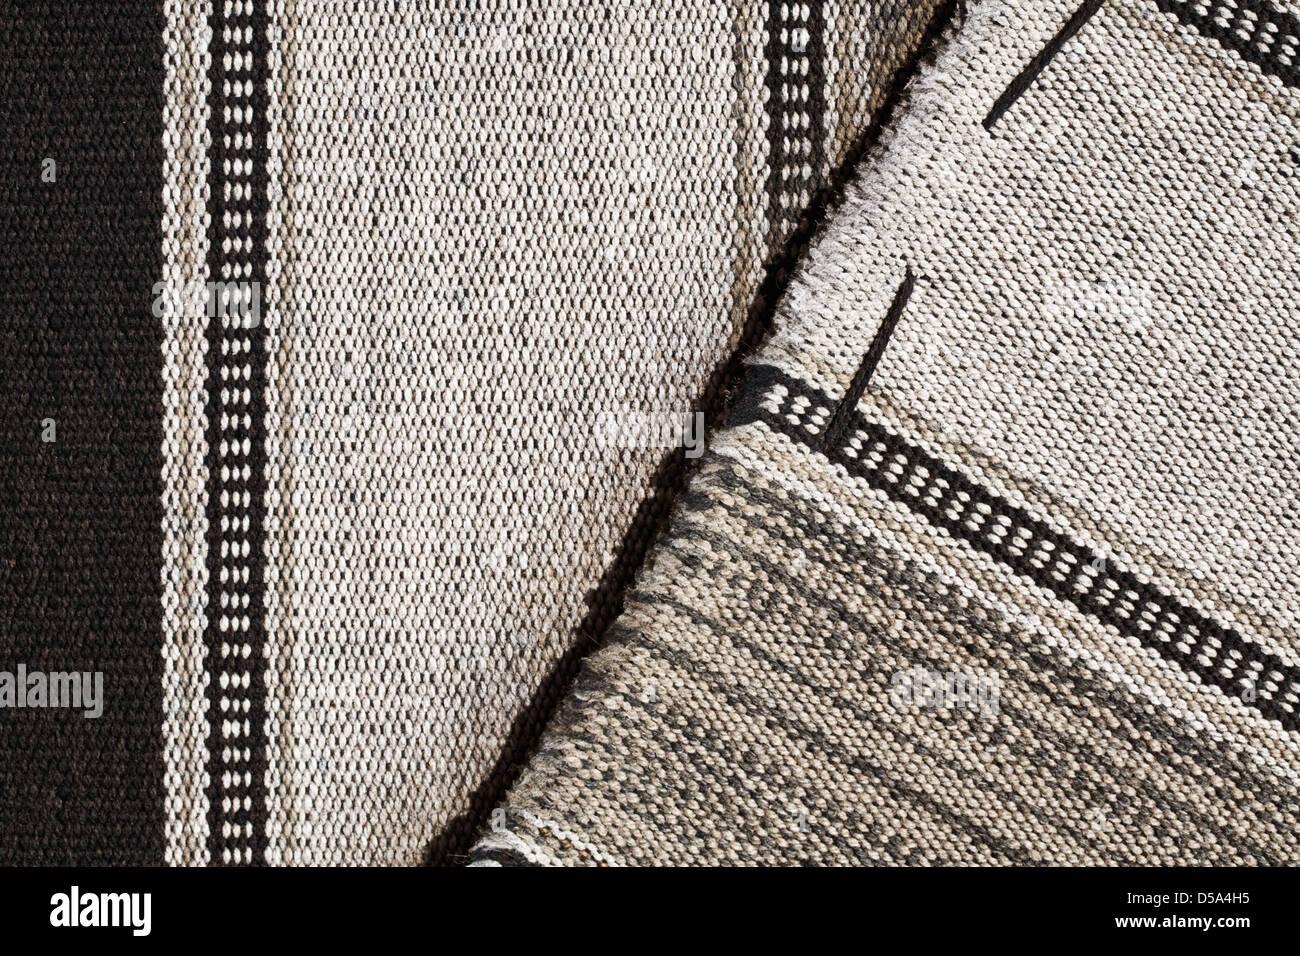 Tappeti Kilim Antichi : Dettaglio del kilim antichi tessuti tappeti dalla turchia foto